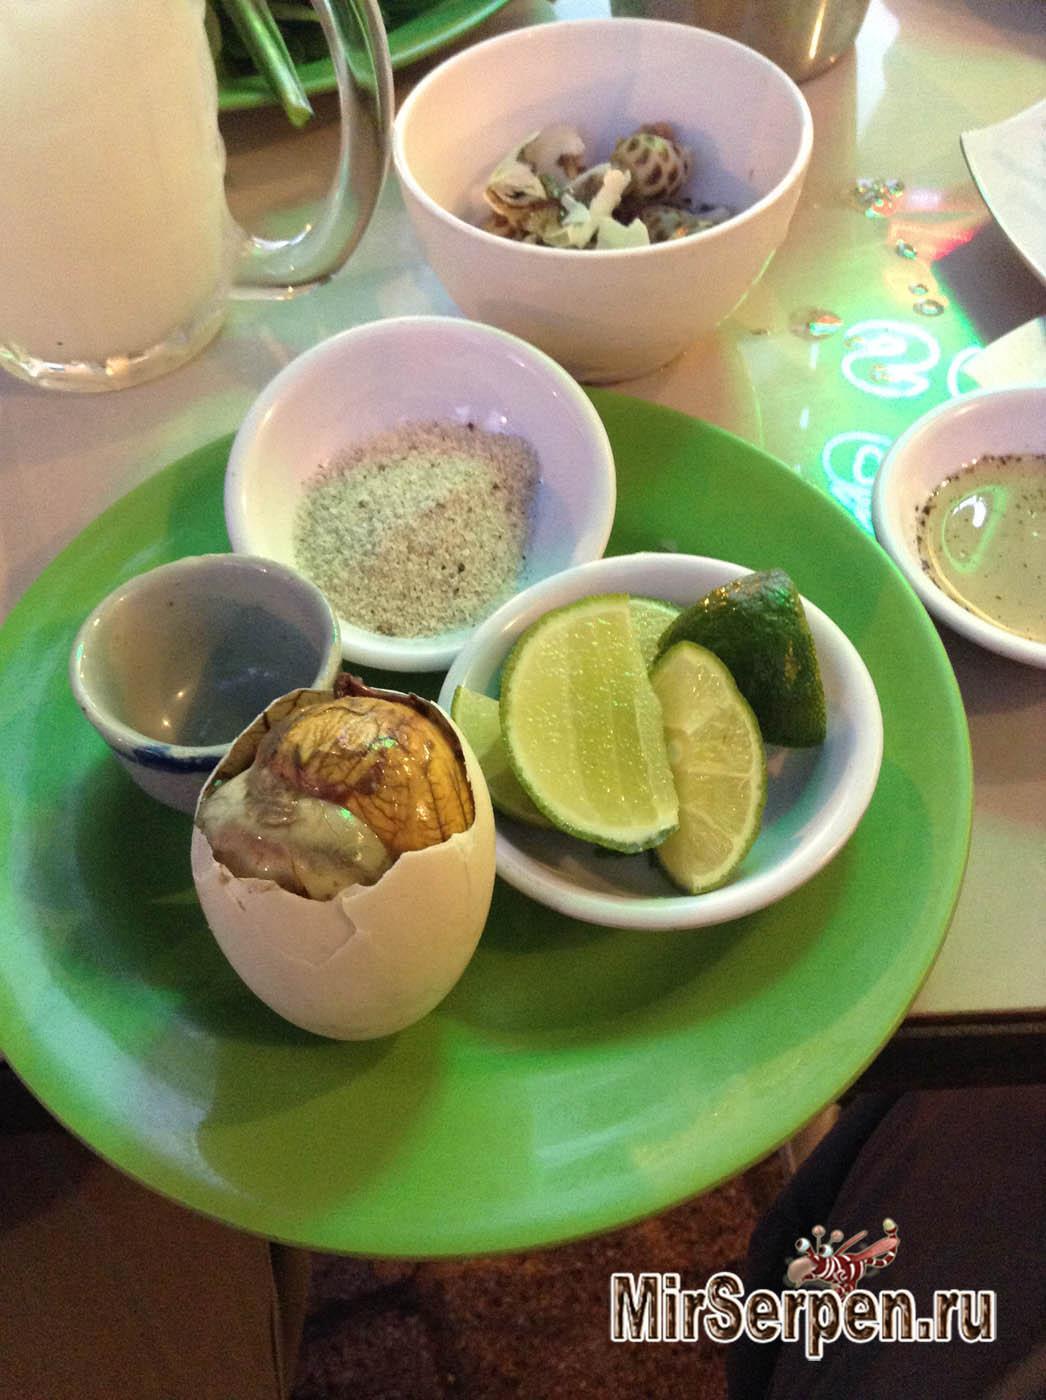 Photo of Я реально съел это: Яйца с утиными зародышами во Вьетнаме